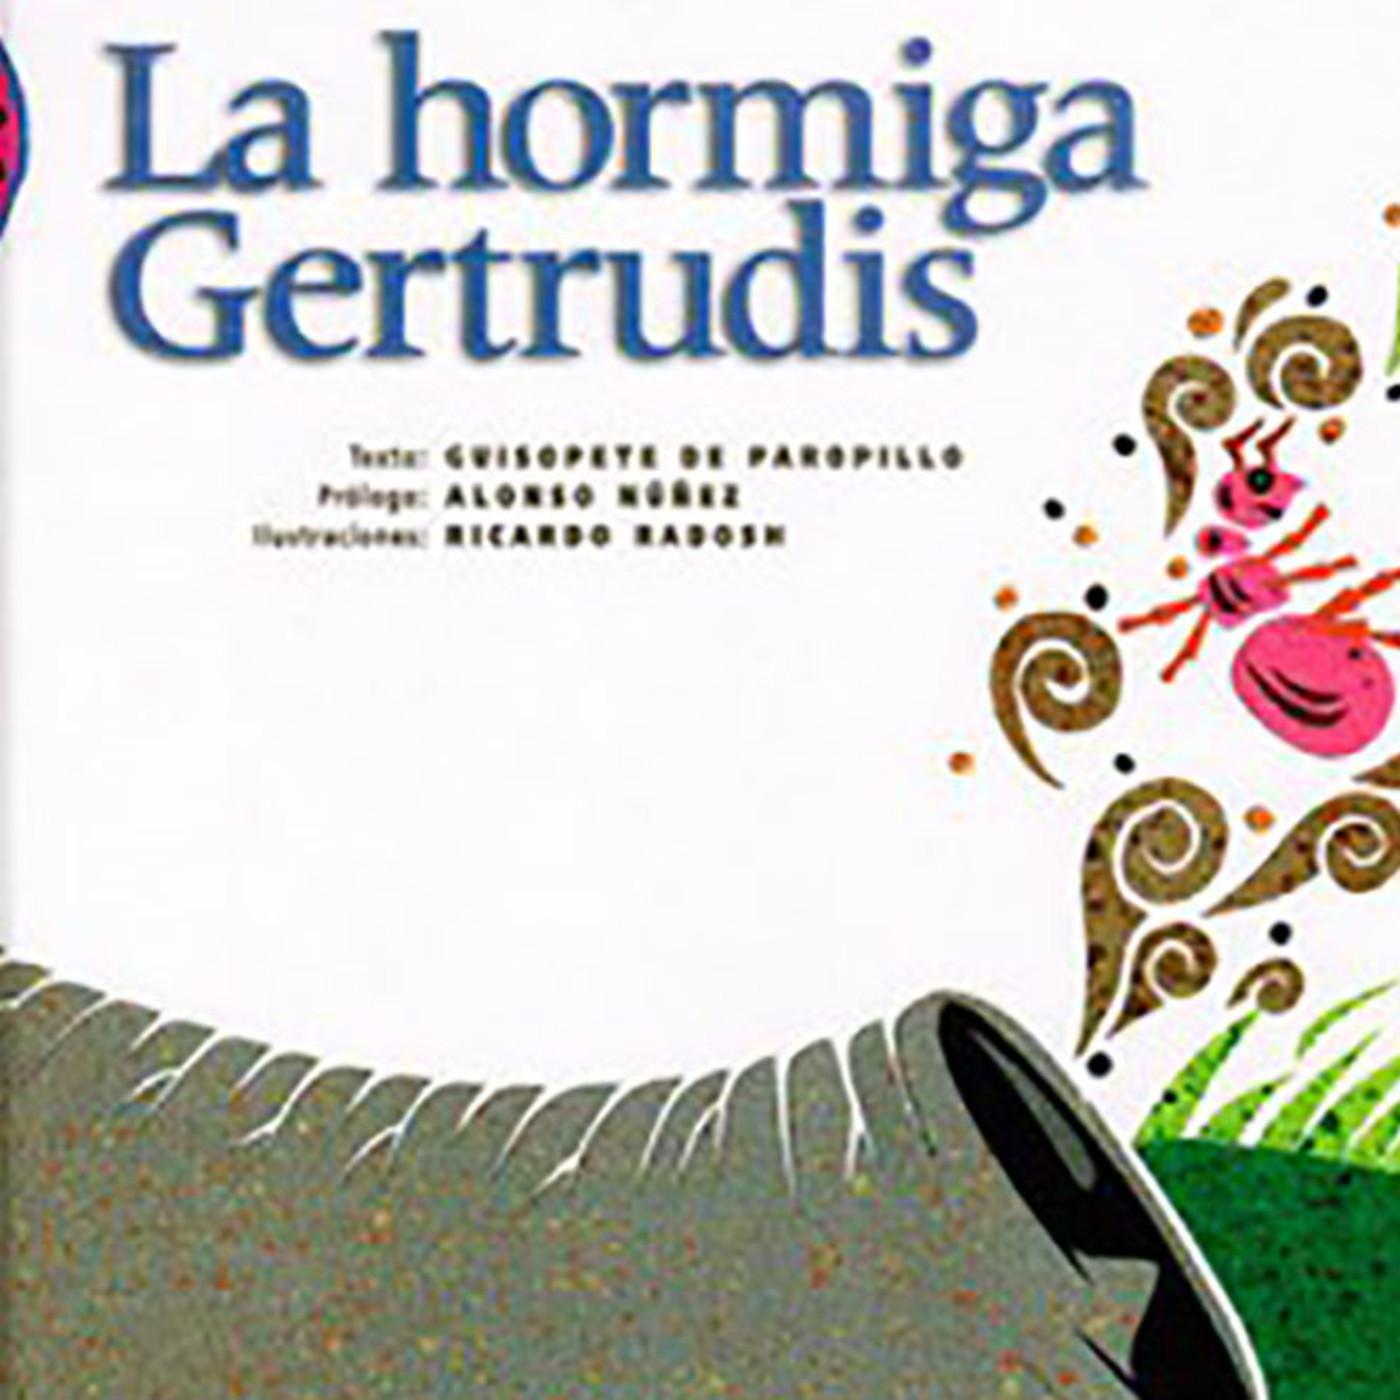 La hormiga Gertrudis. Giusopete de Paropillo